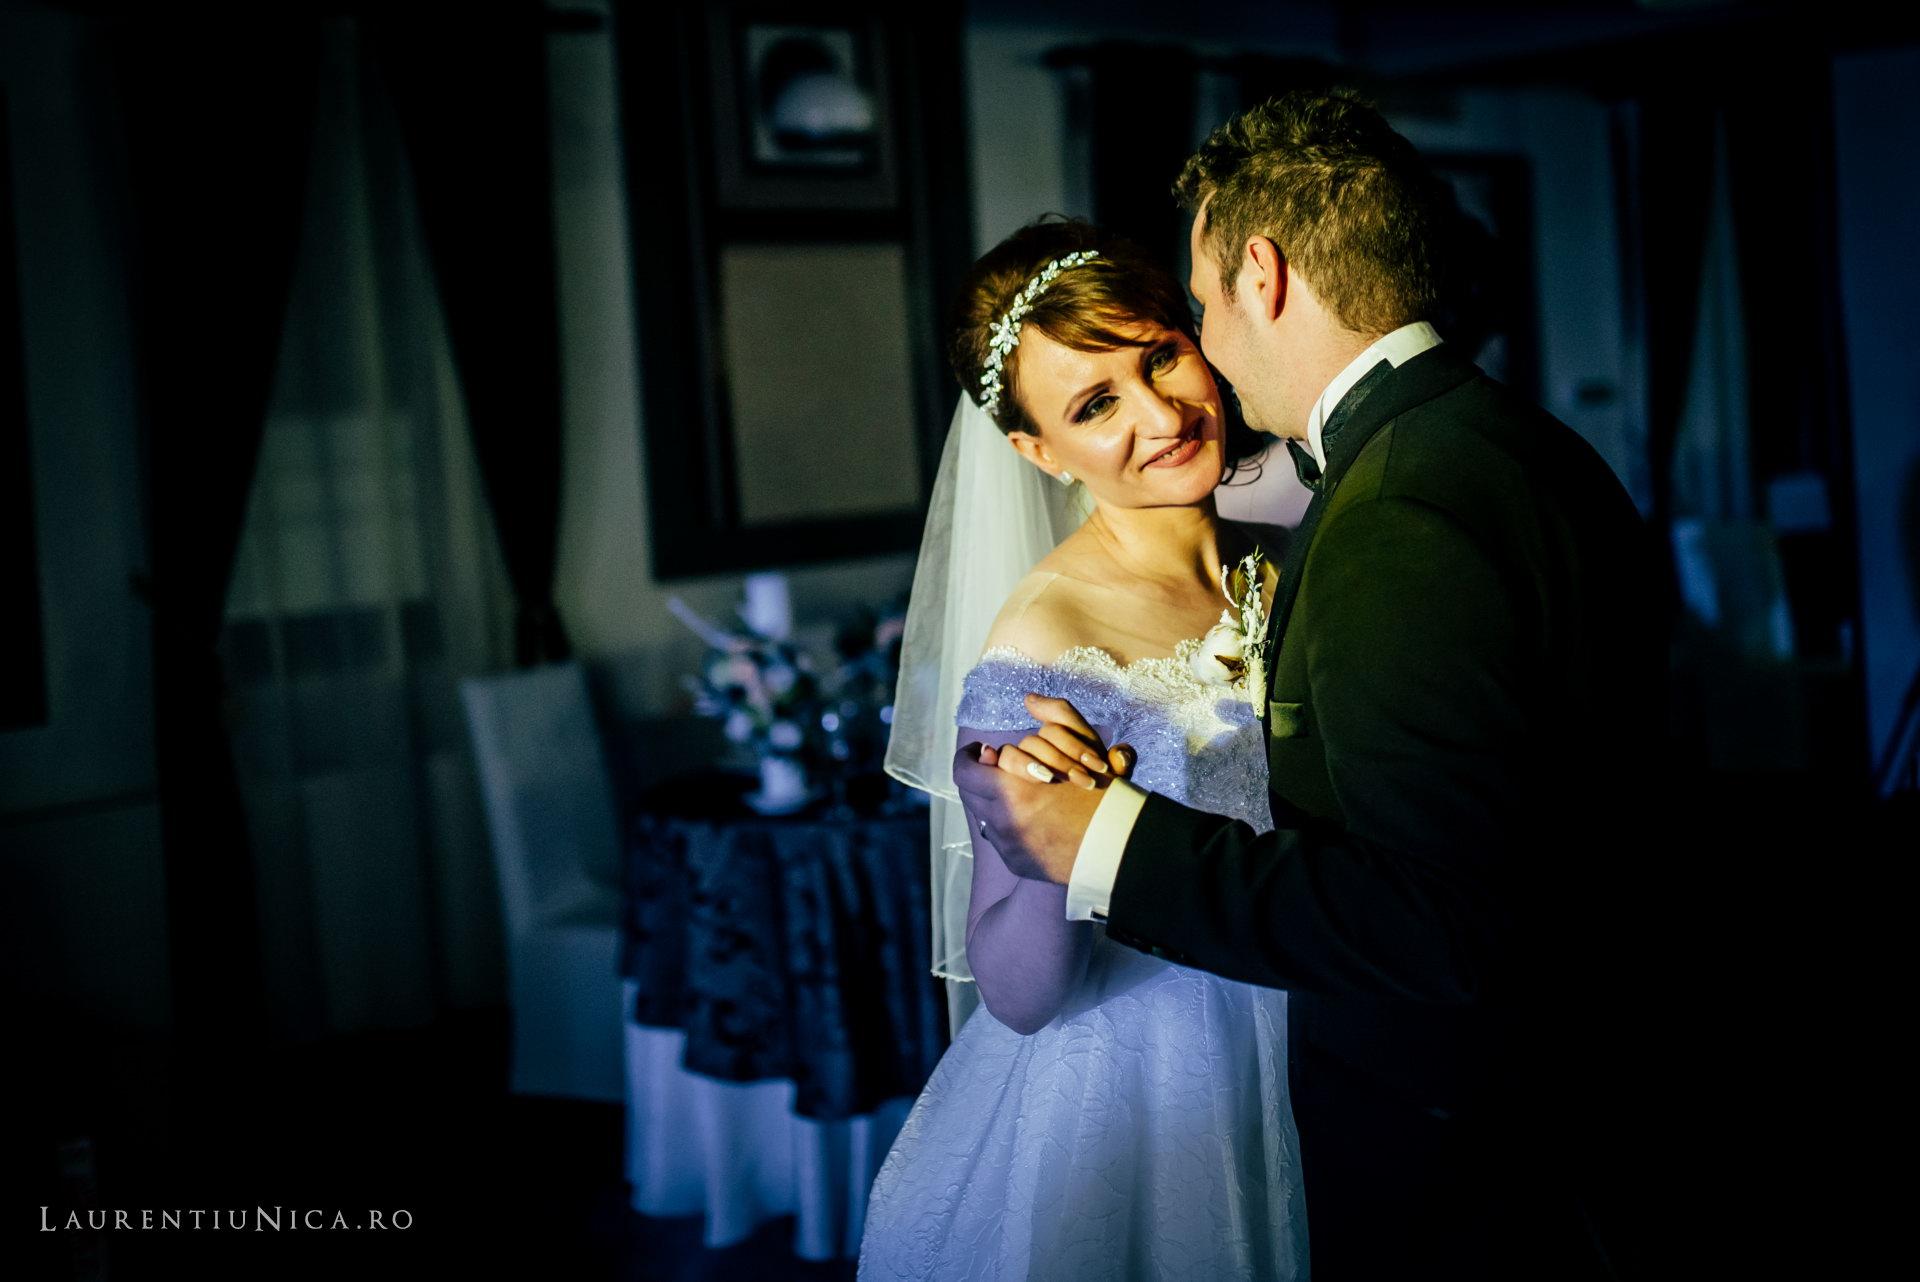 daniela si marius fotografii nunta craiova laurentiu nica49 - Daniela & Marius | Fotografii nunta